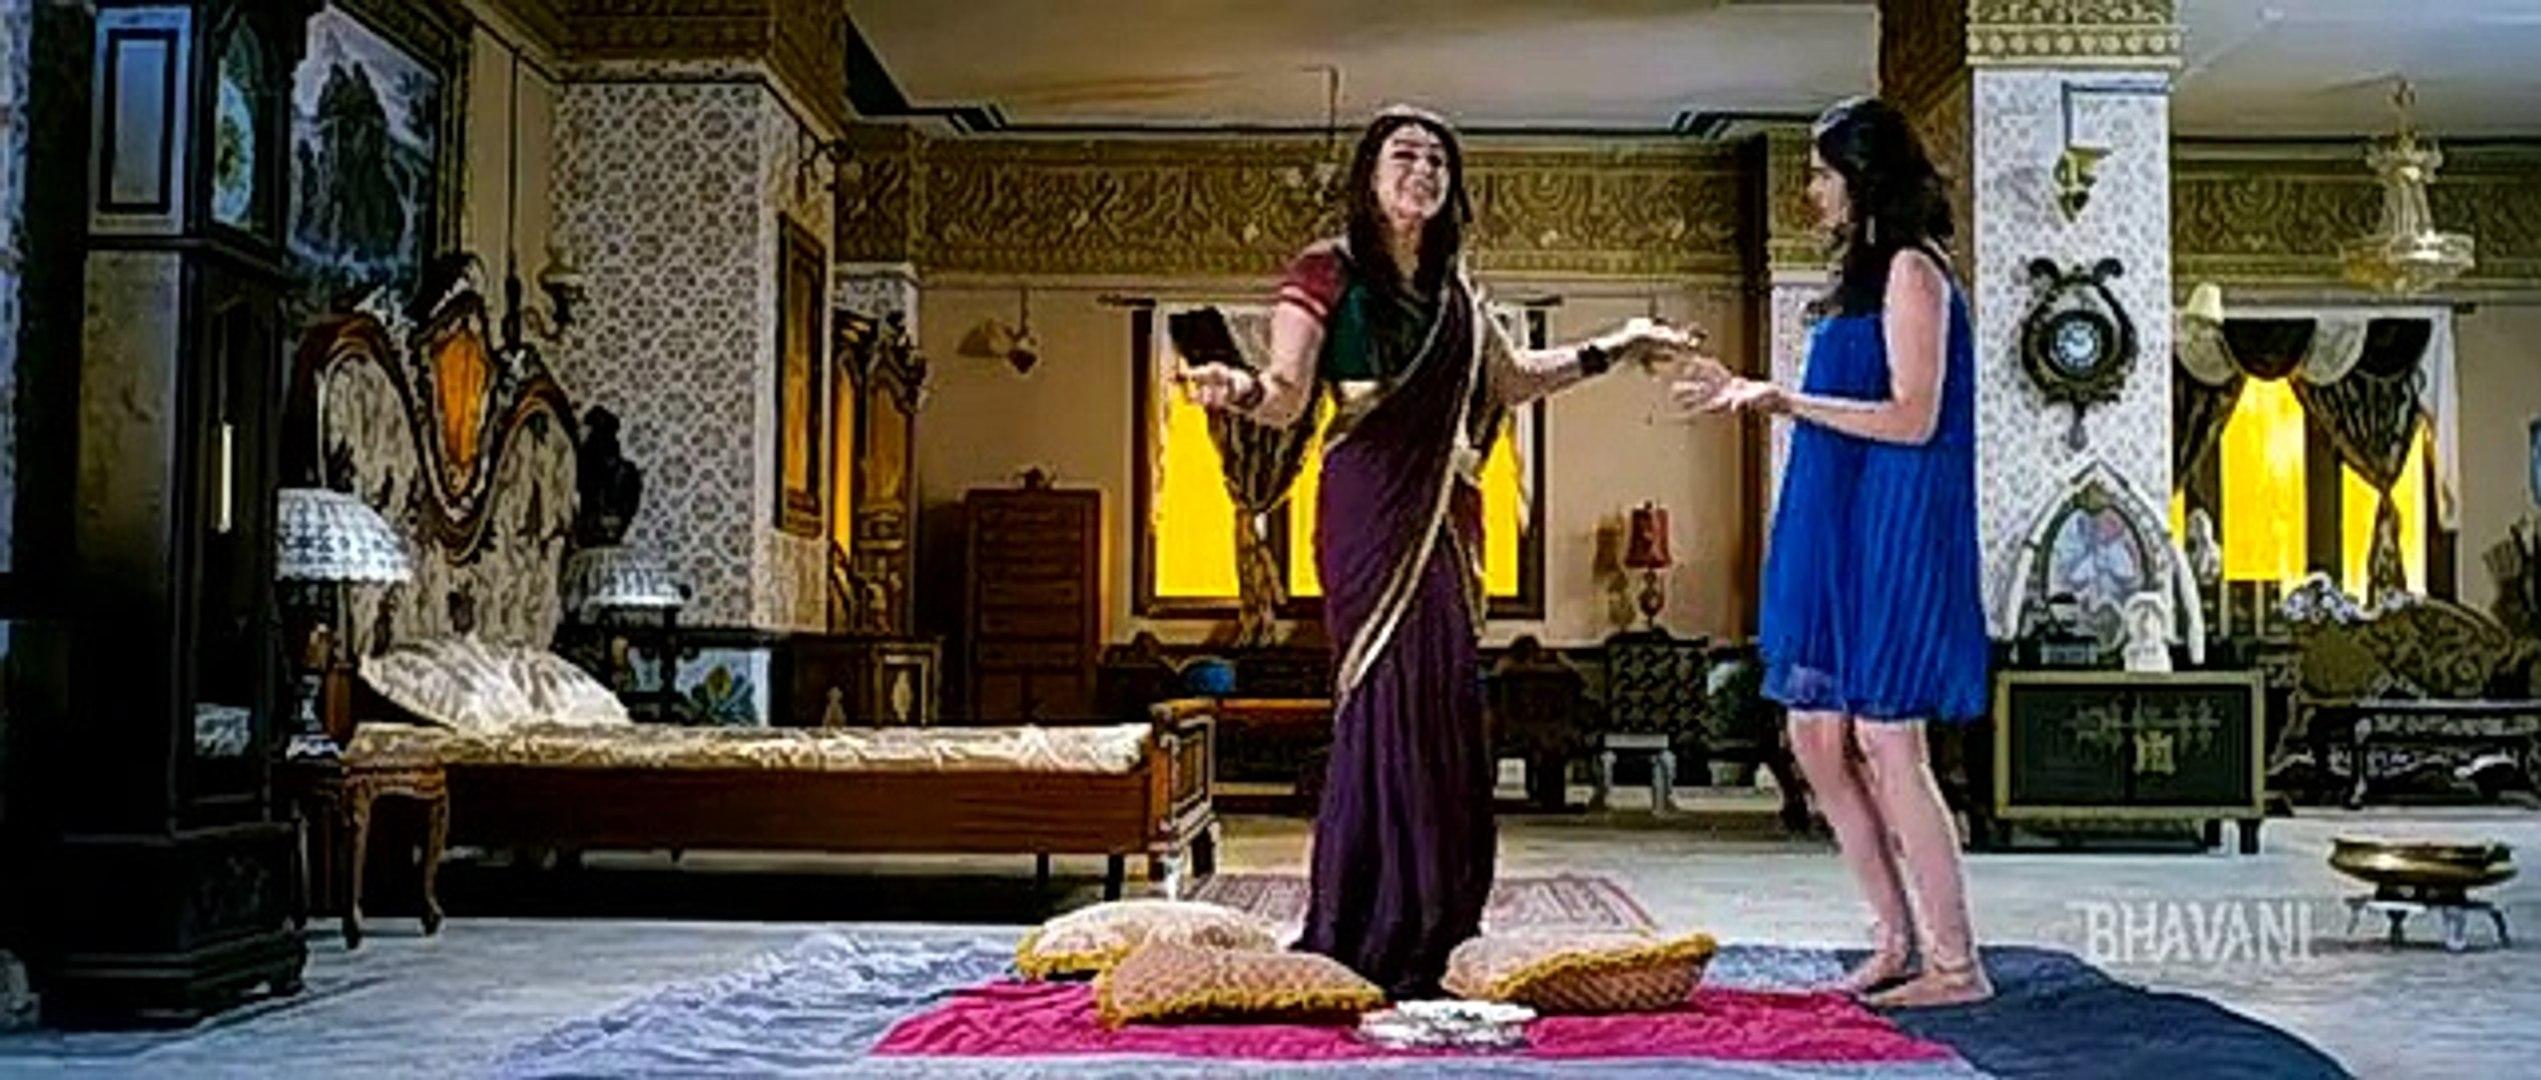 Hansika Motwani Hot Saree Changing Scene From Malayalam Remake Telugu Movie